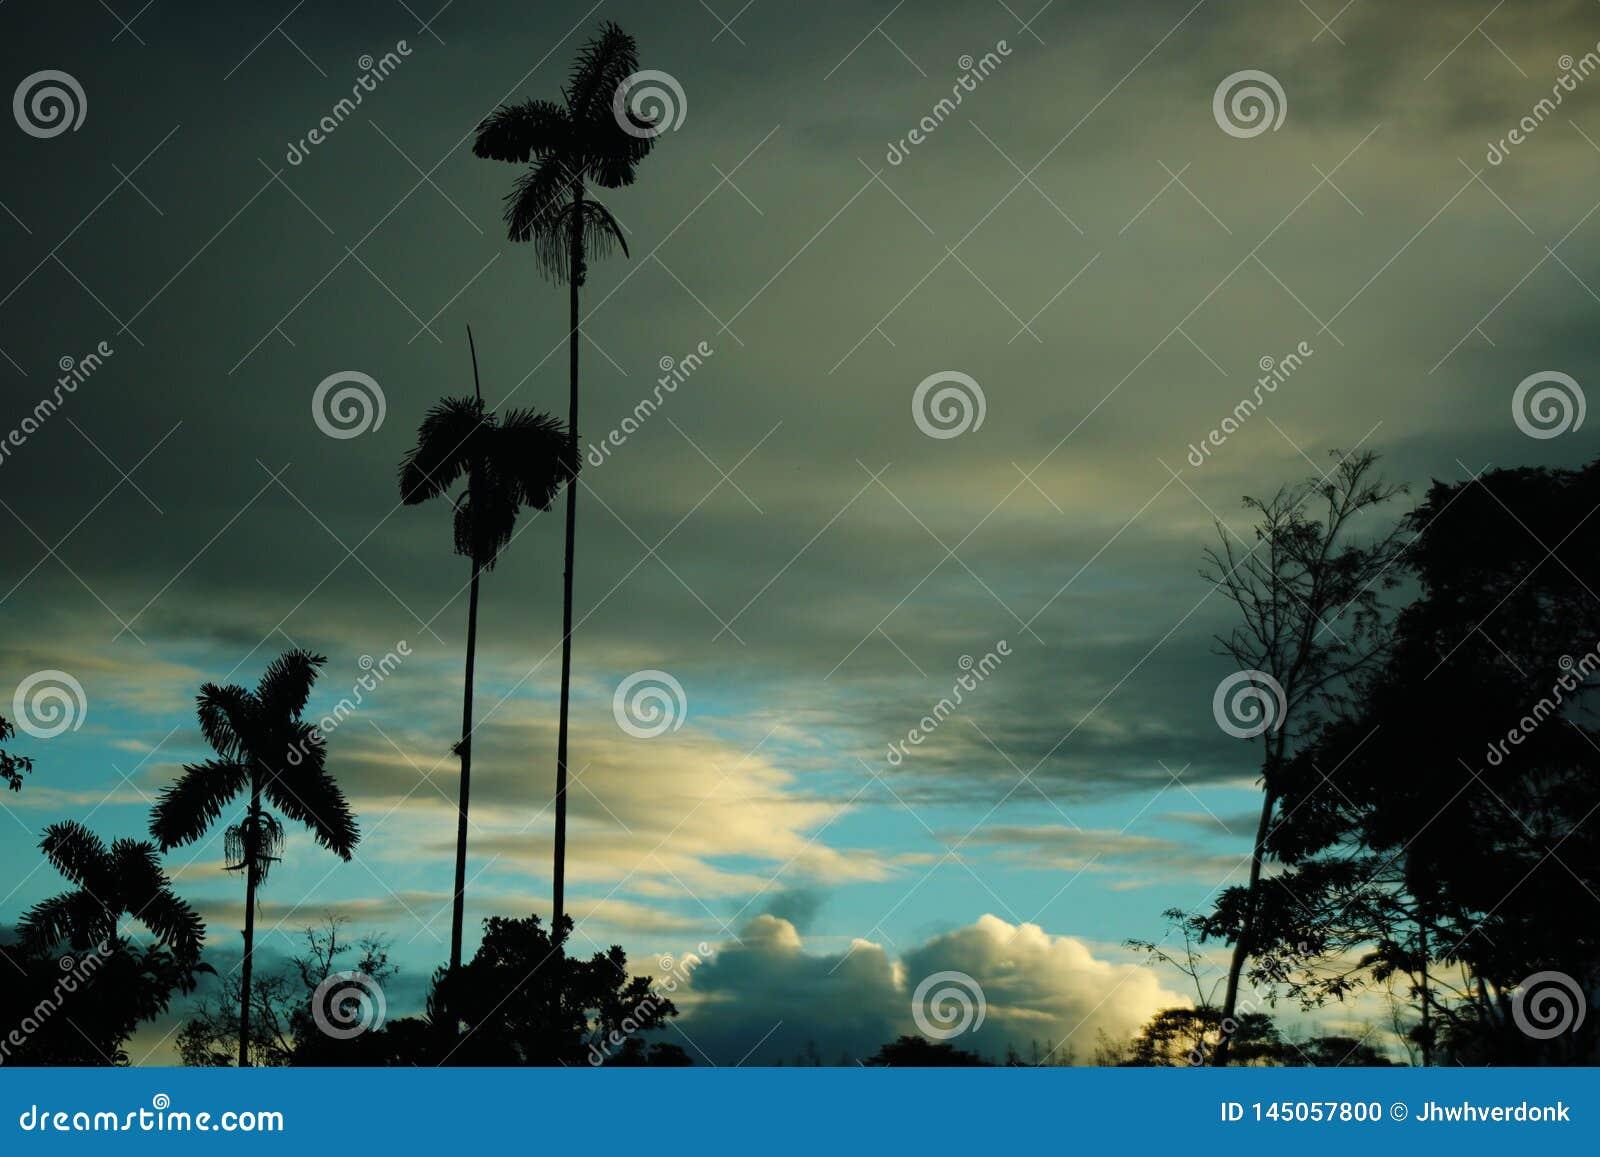 Silhuetas da árvore das palmeiras e uma árvore velha com um céu vívido do azul e o branco no fundo